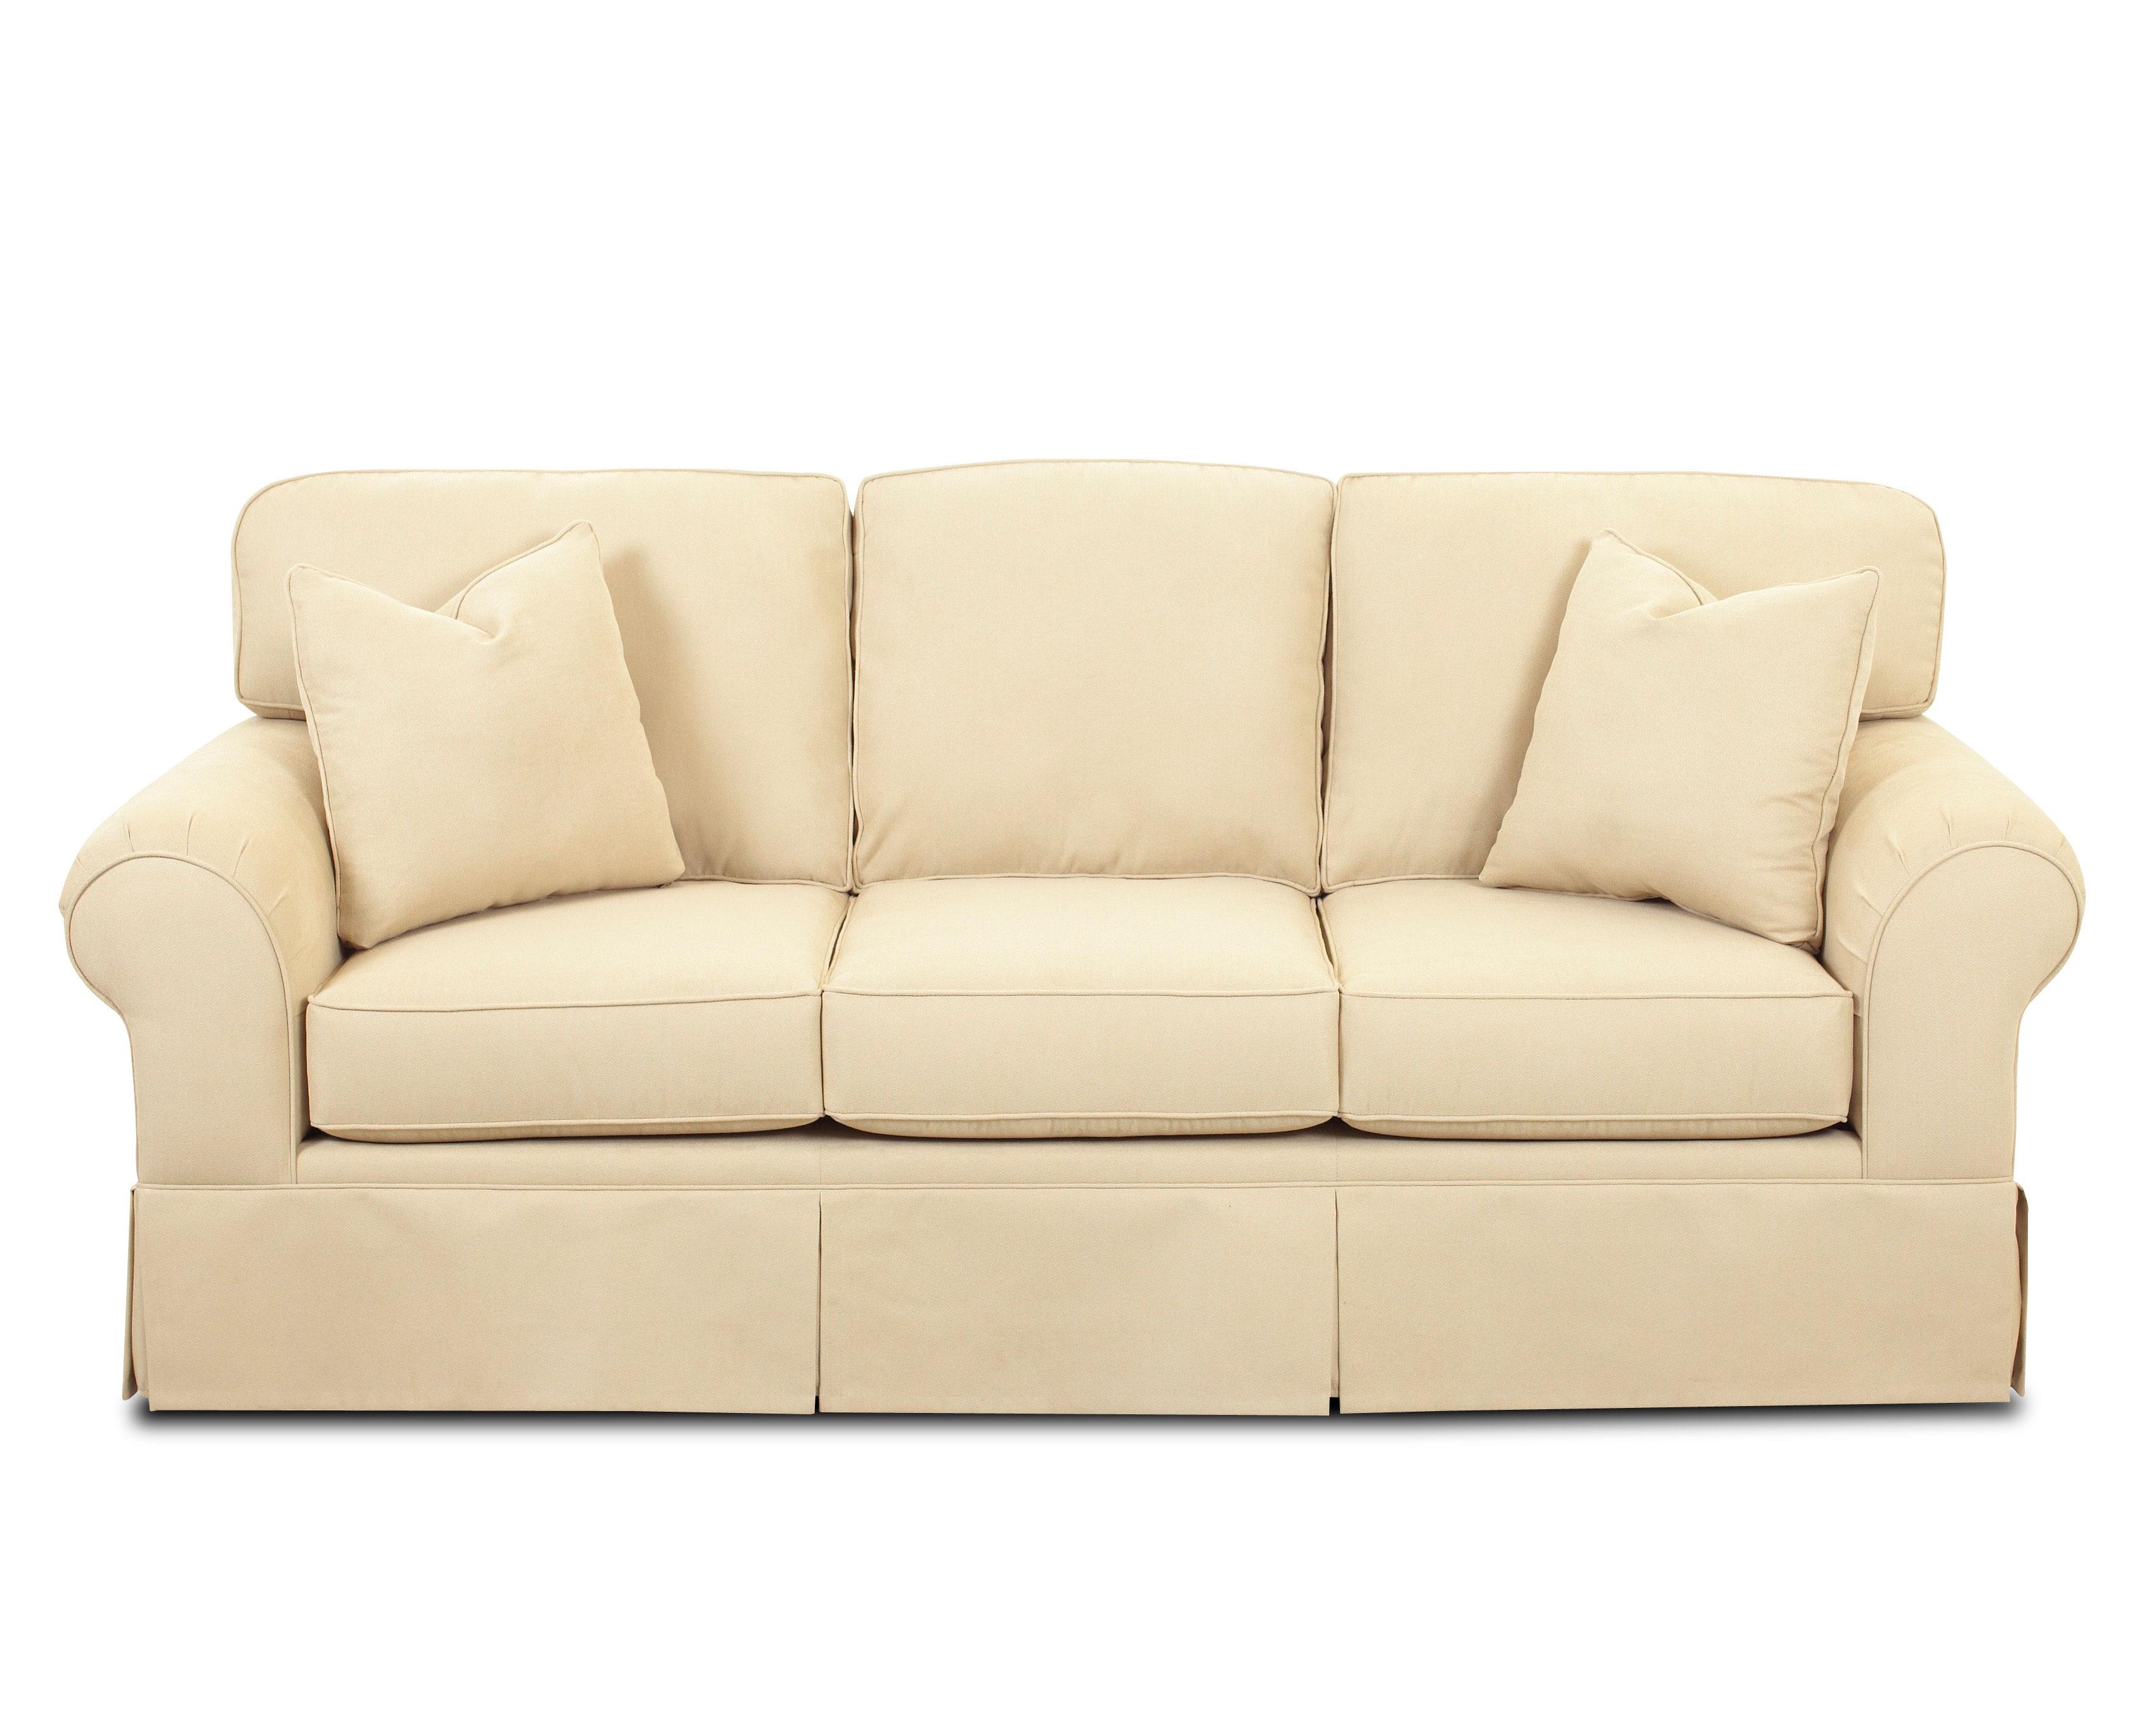 sleeper sofa atlanta photo - 5